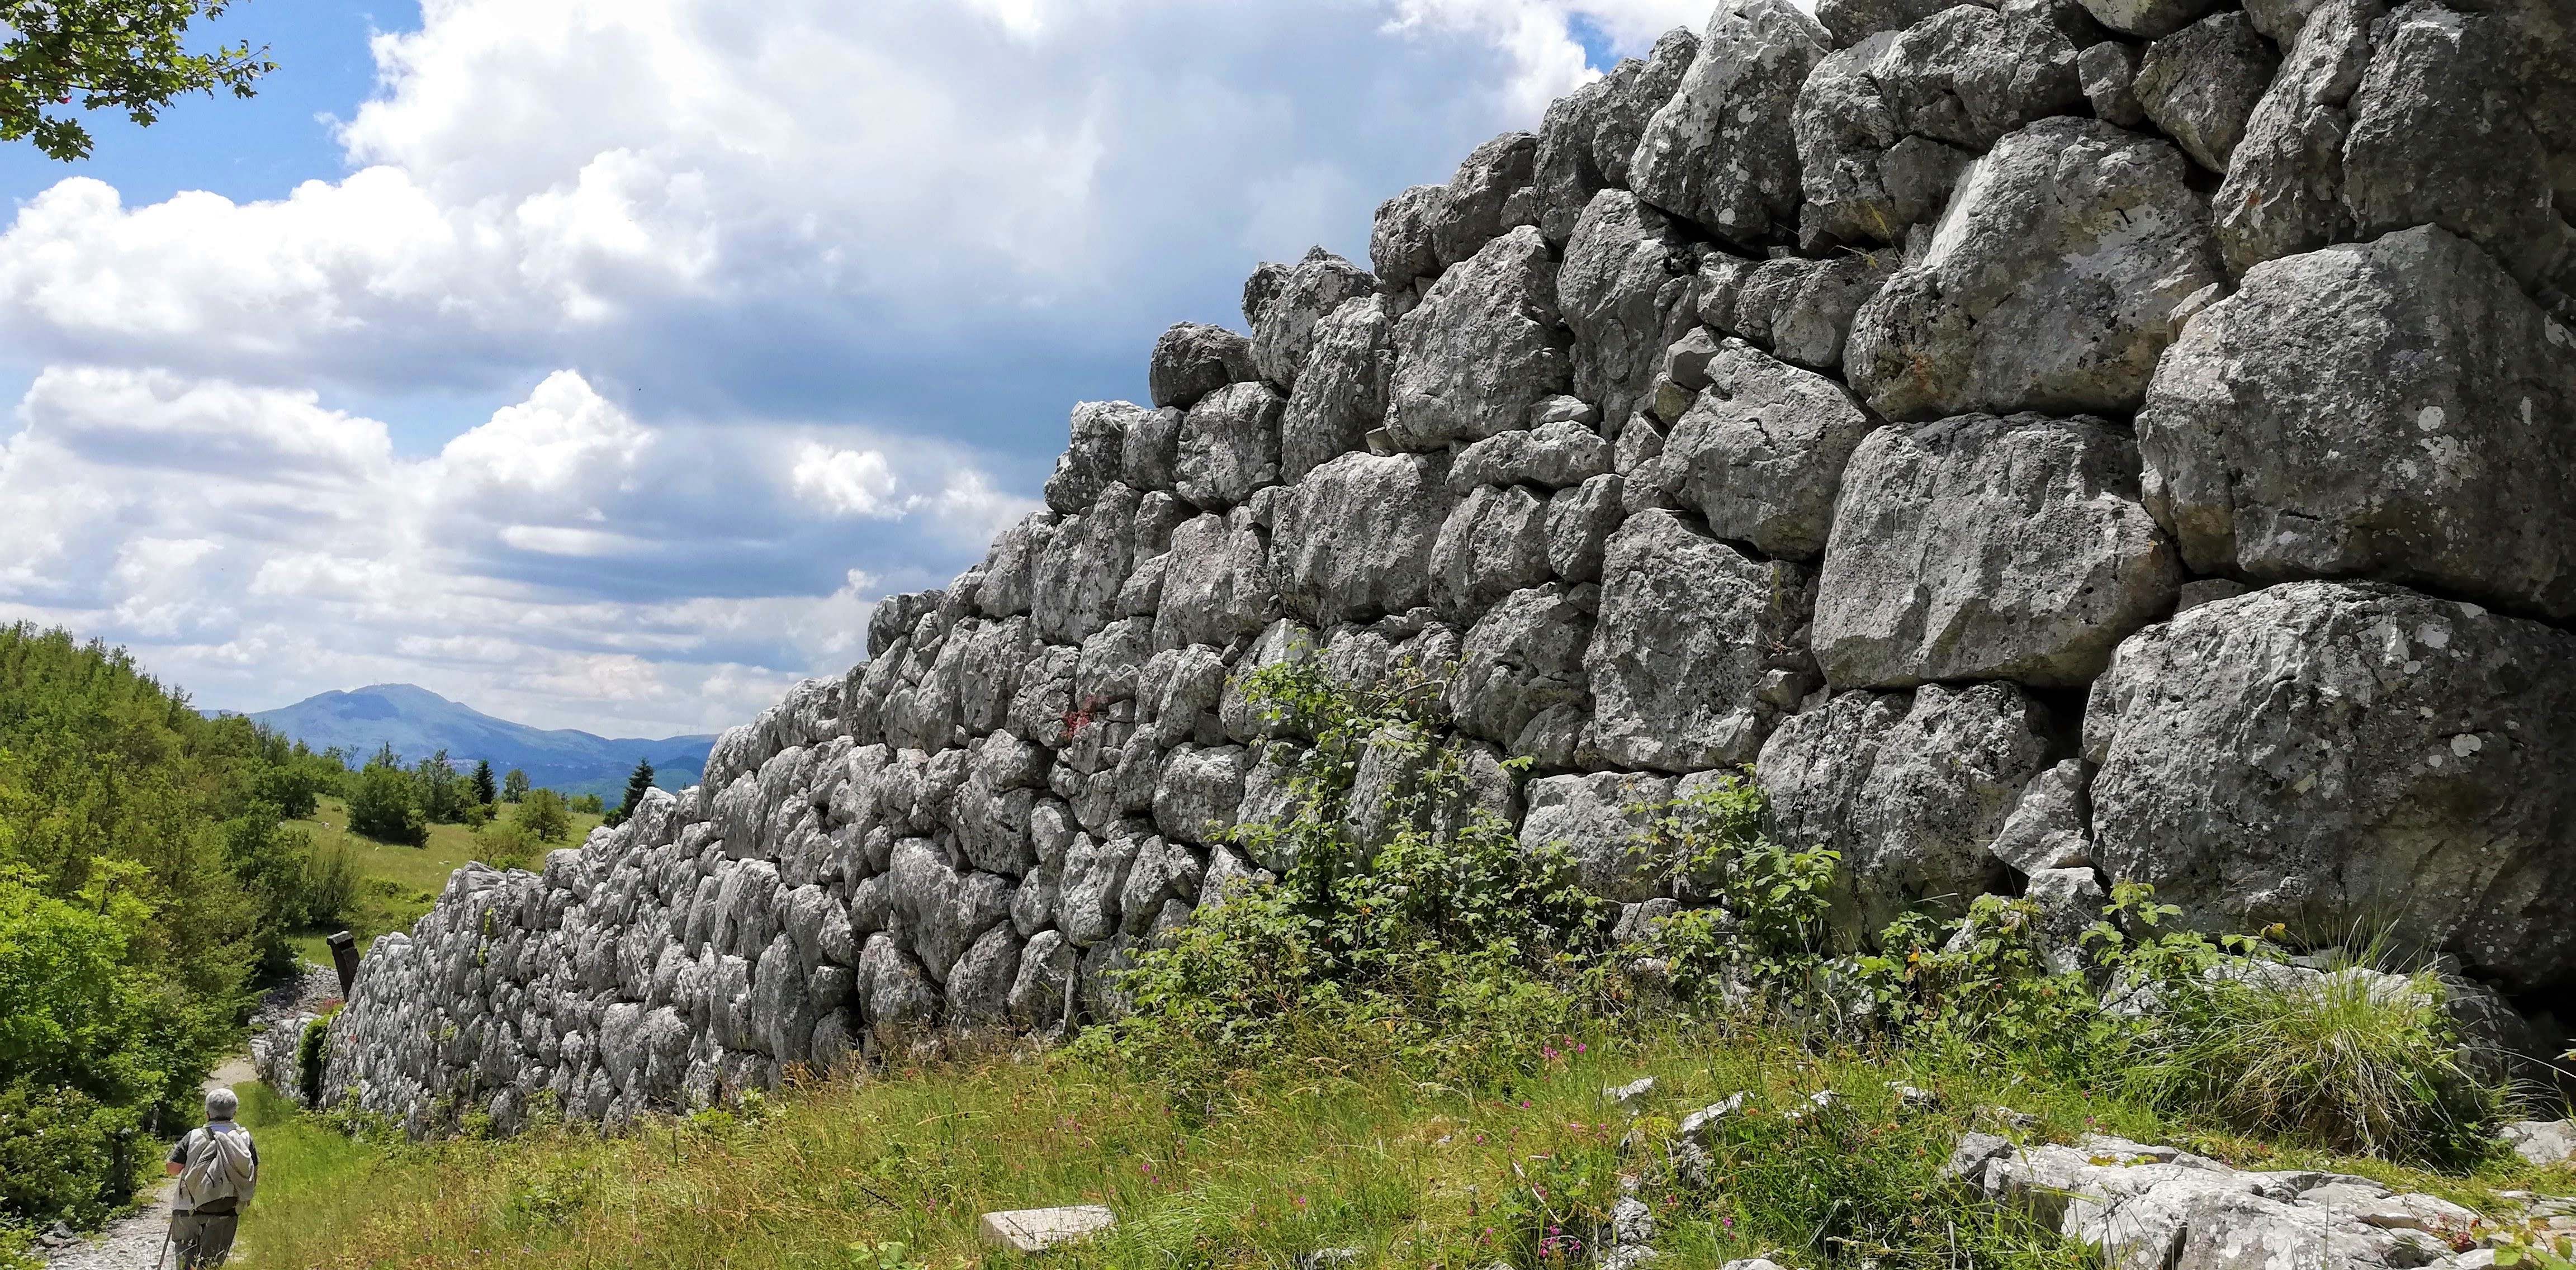 Le vie della transumanza nel Parco Archeologico Naturalistico di Monte Pallano